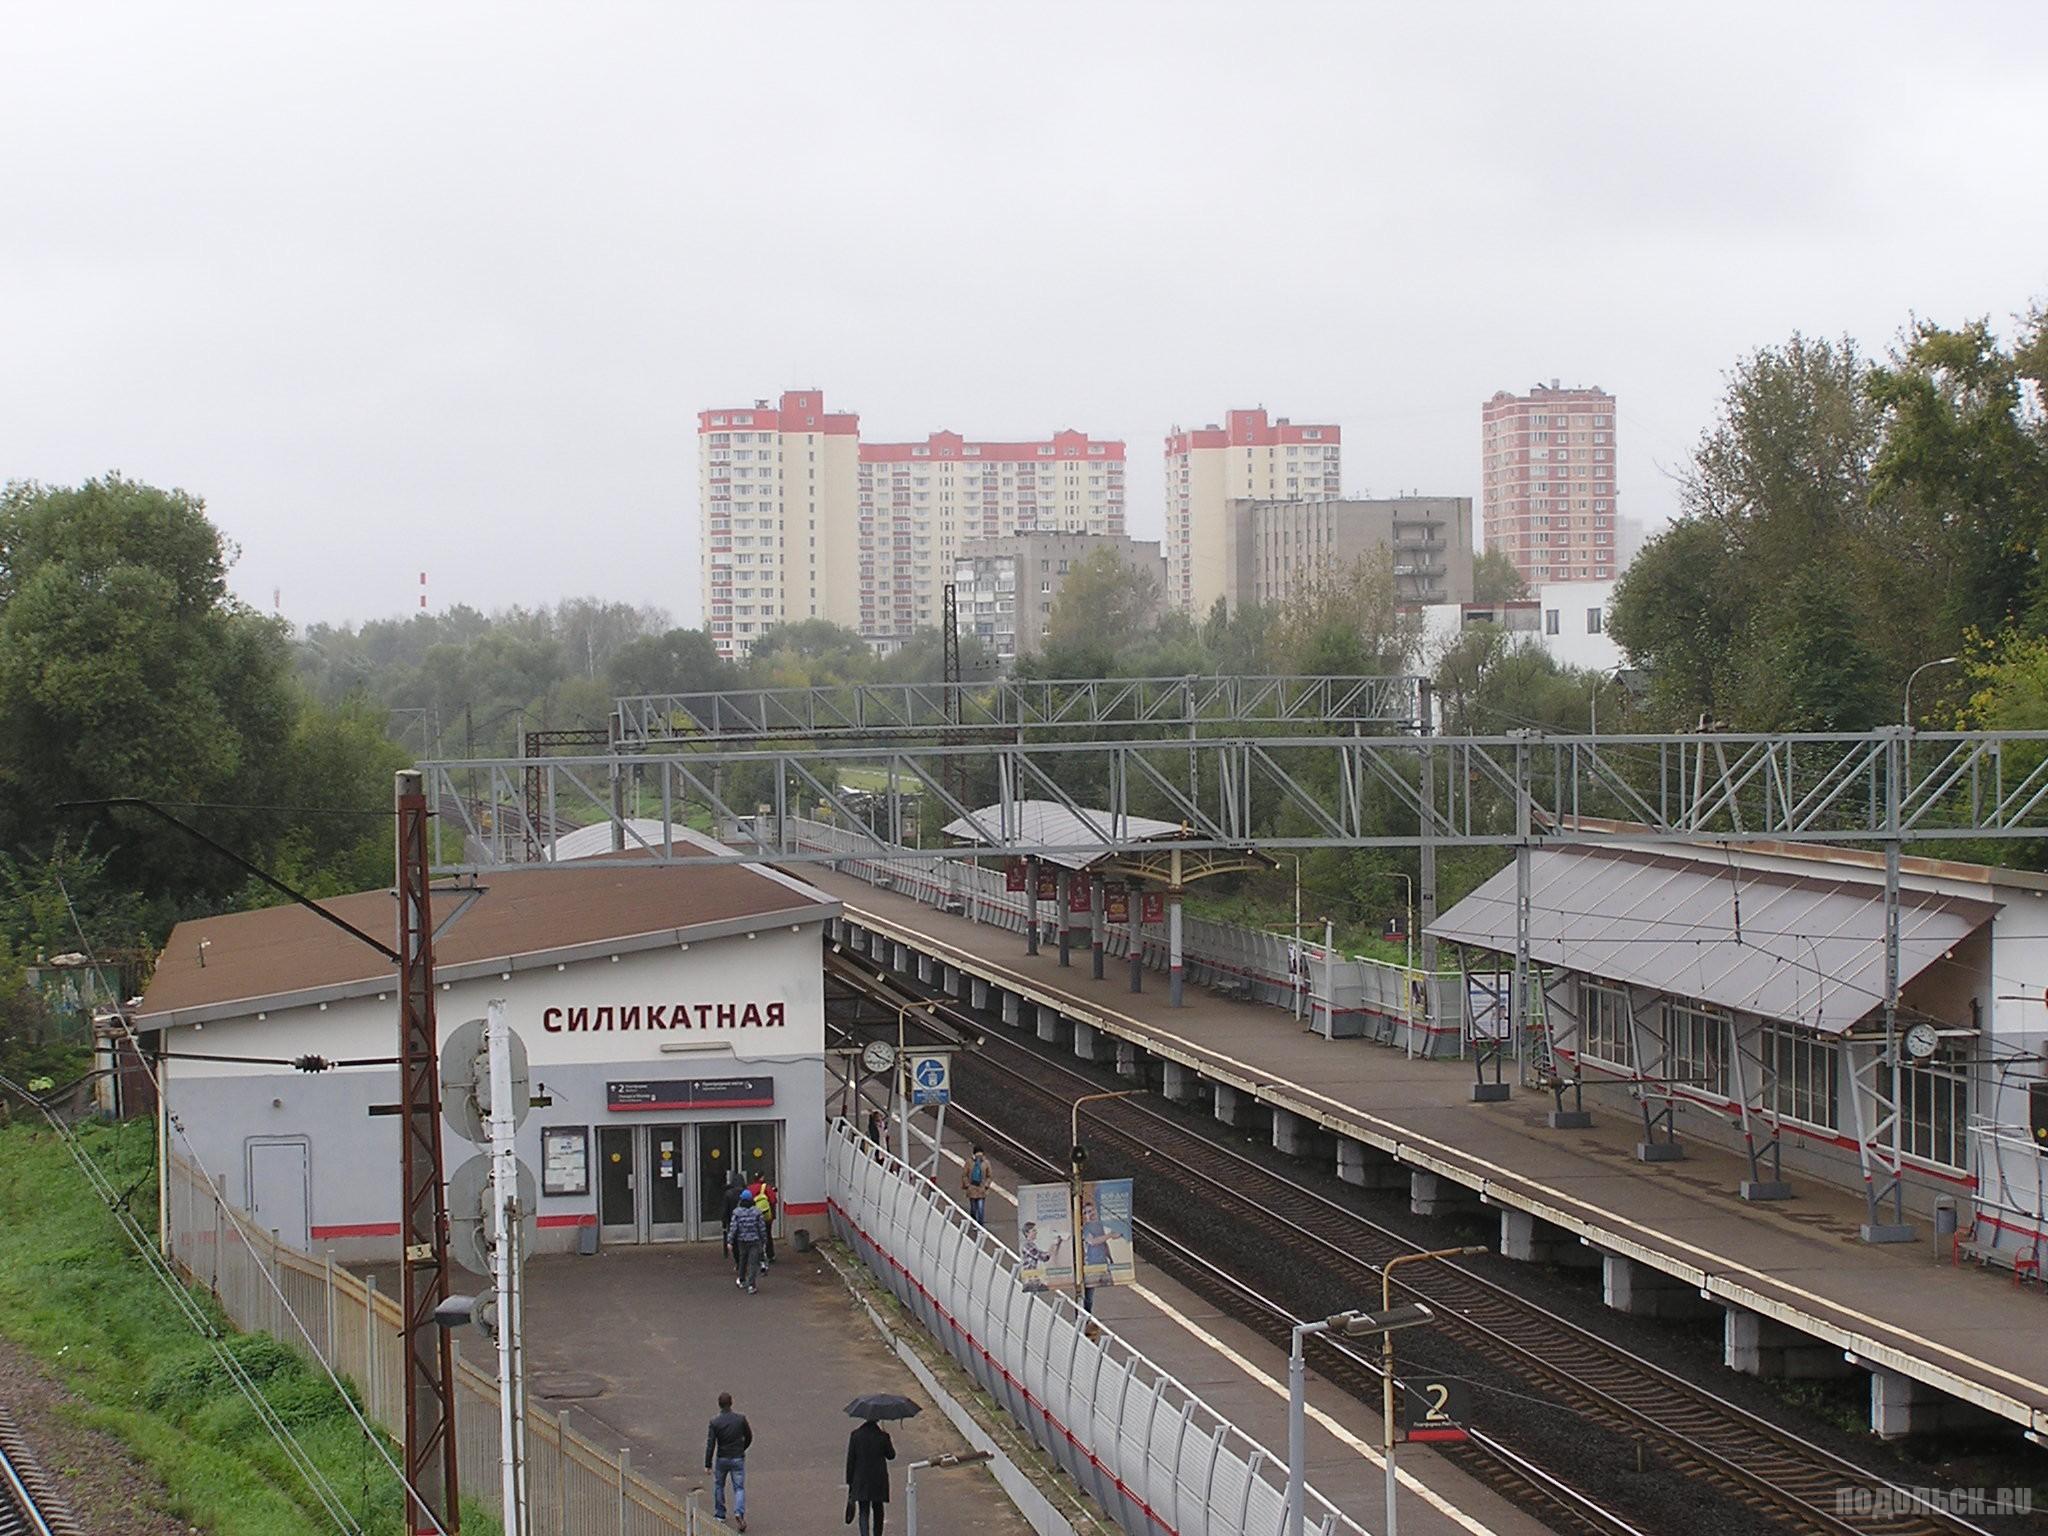 Силикатная-2, вид с моста. 18.09.16.